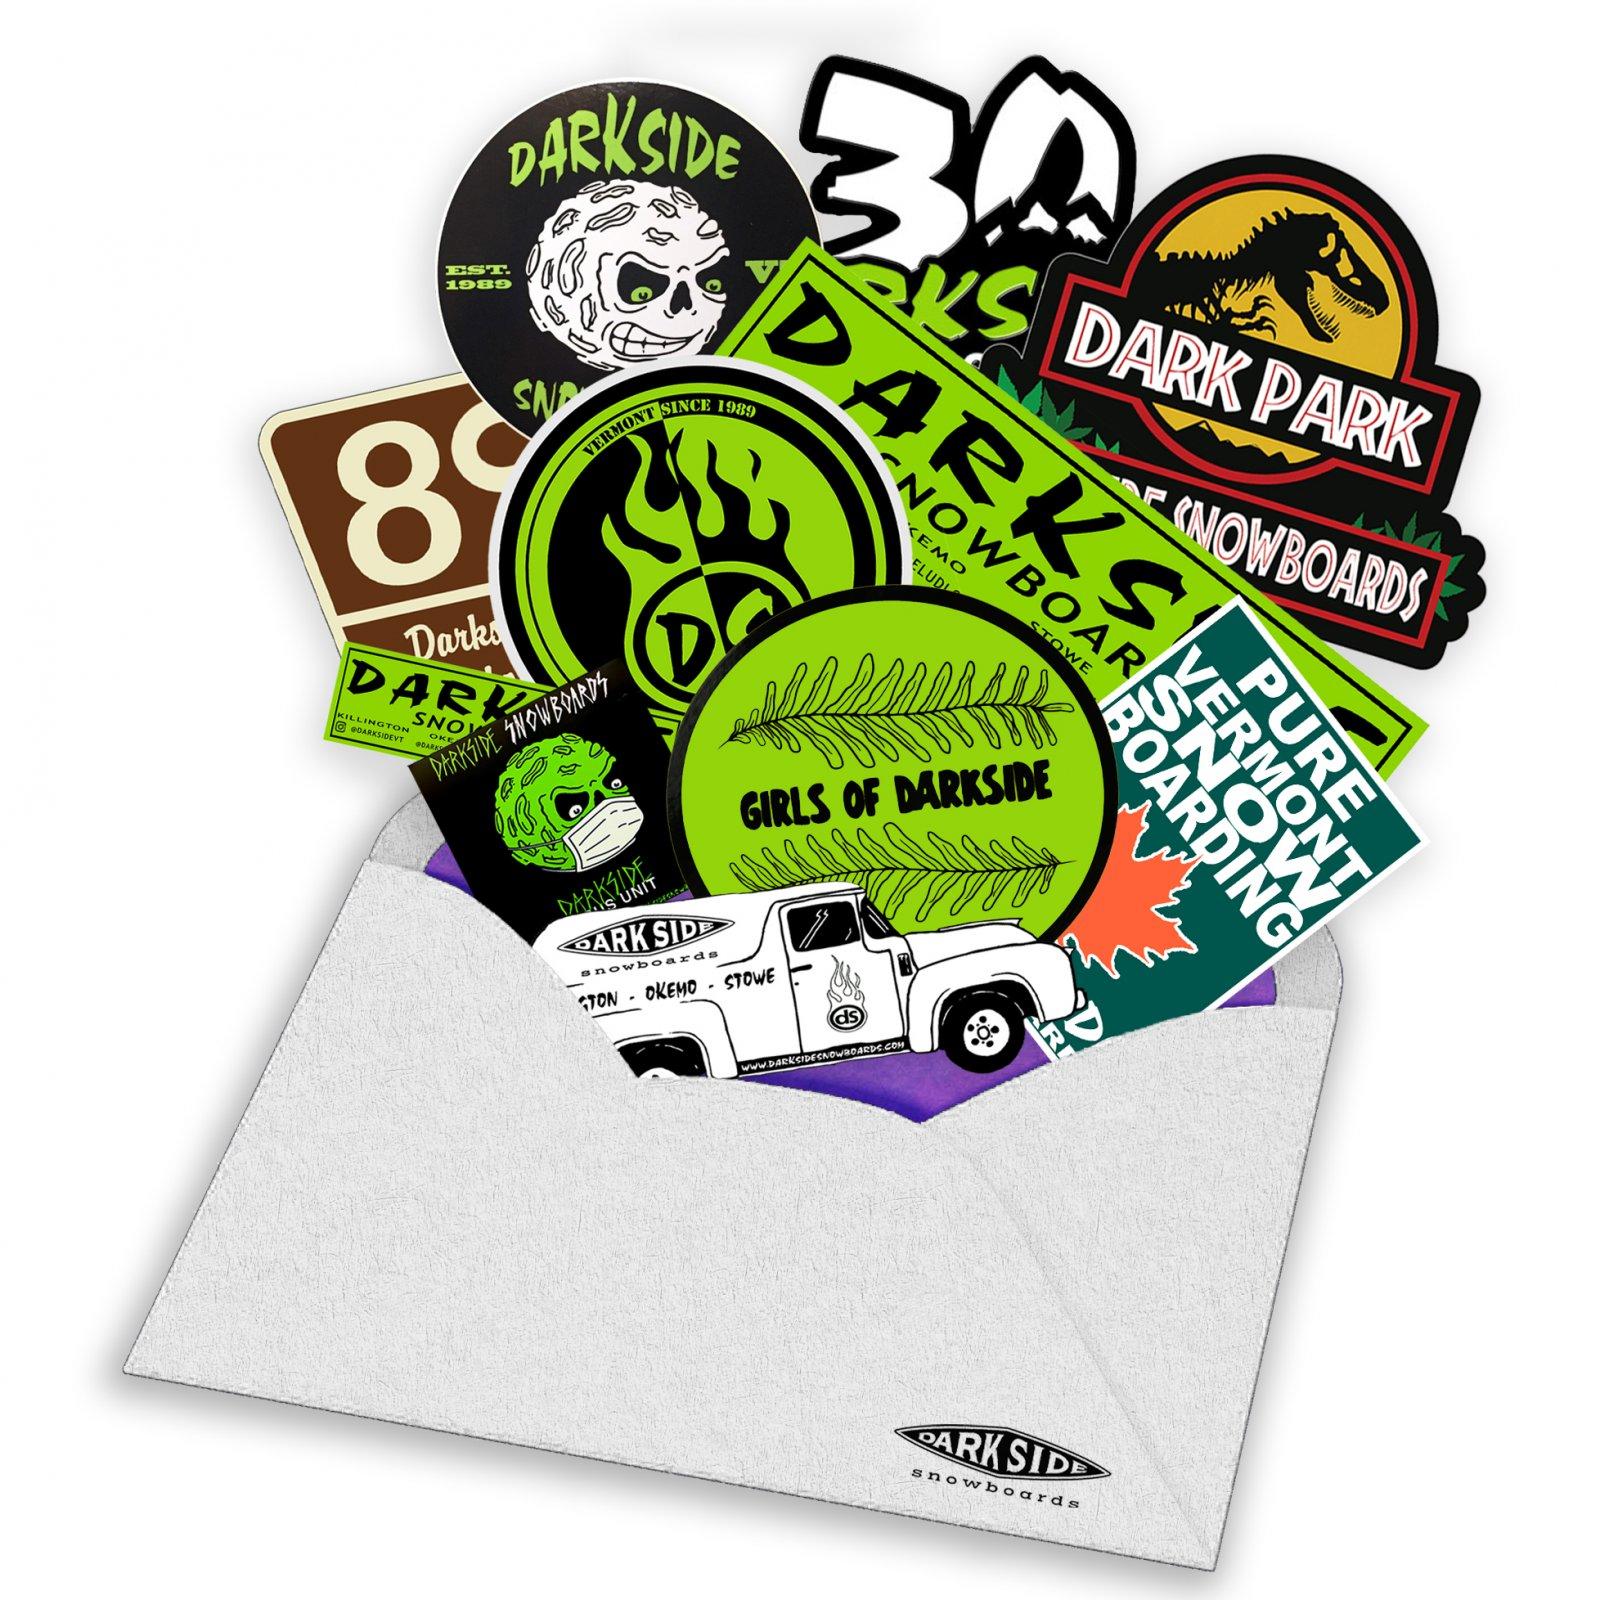 Darkside Snowboards Sticker Pack